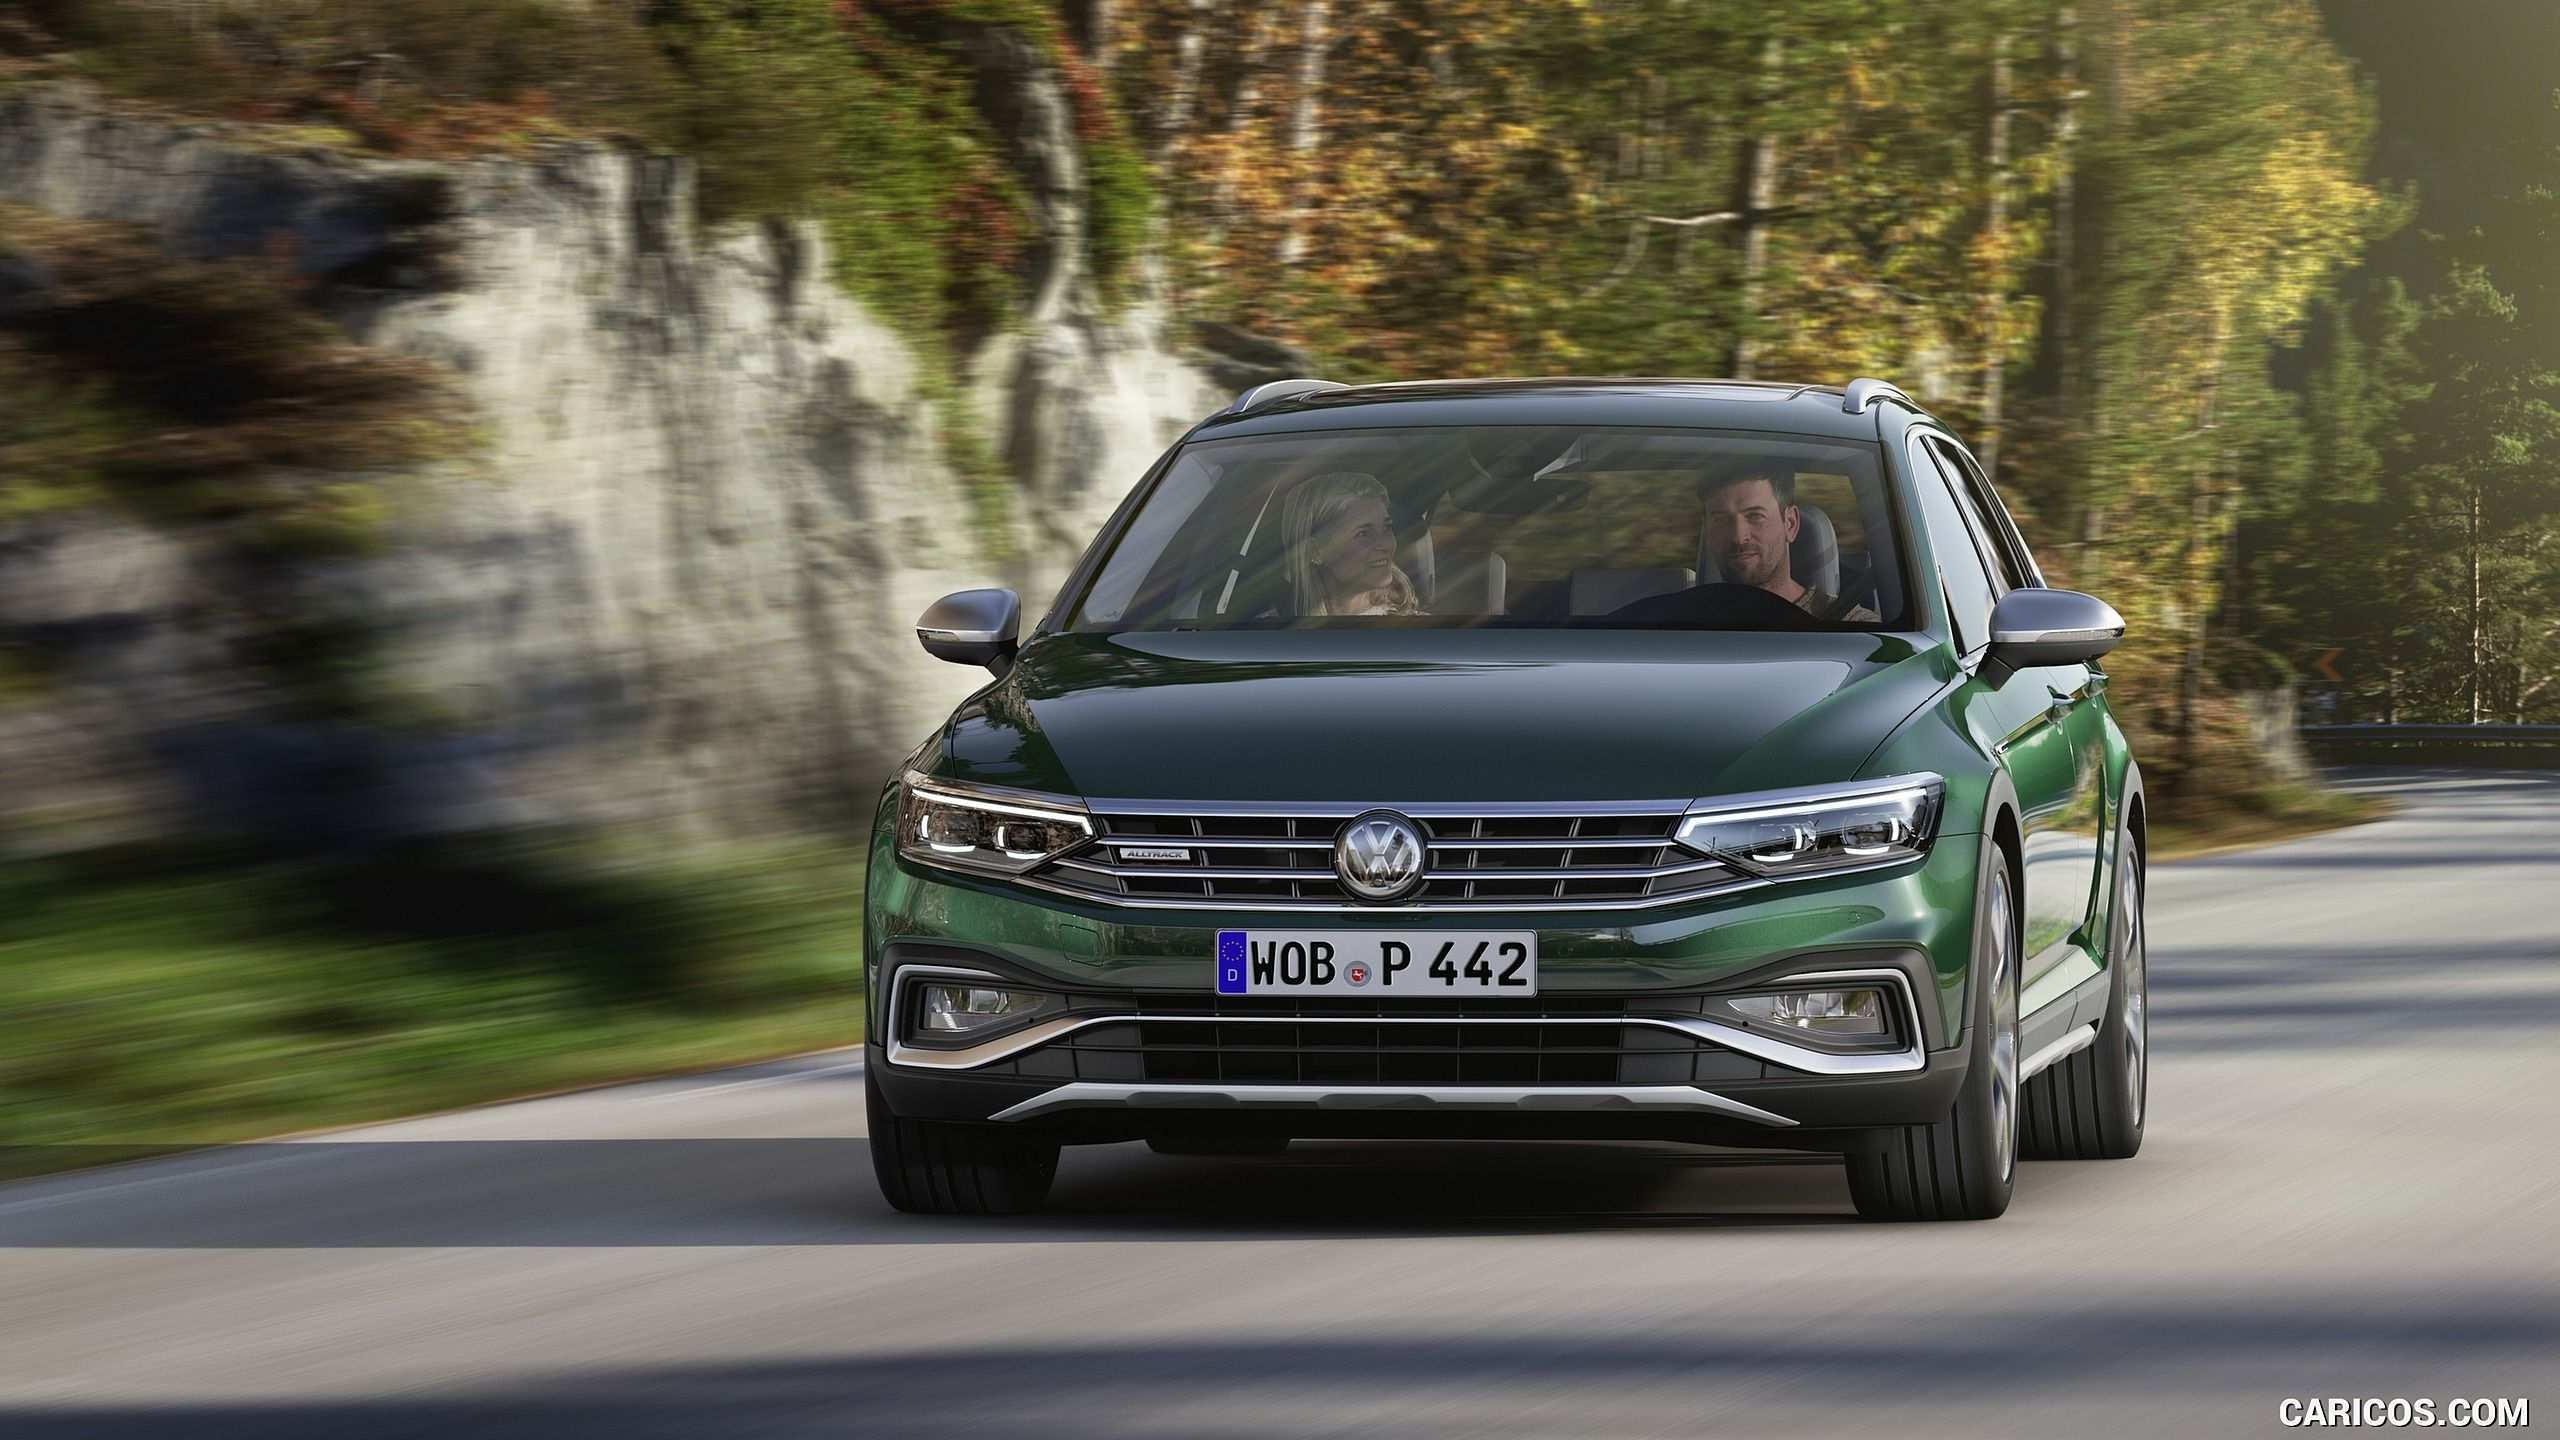 19 Great Volkswagen Passat Alltrack 2020 Interior by Volkswagen Passat Alltrack 2020